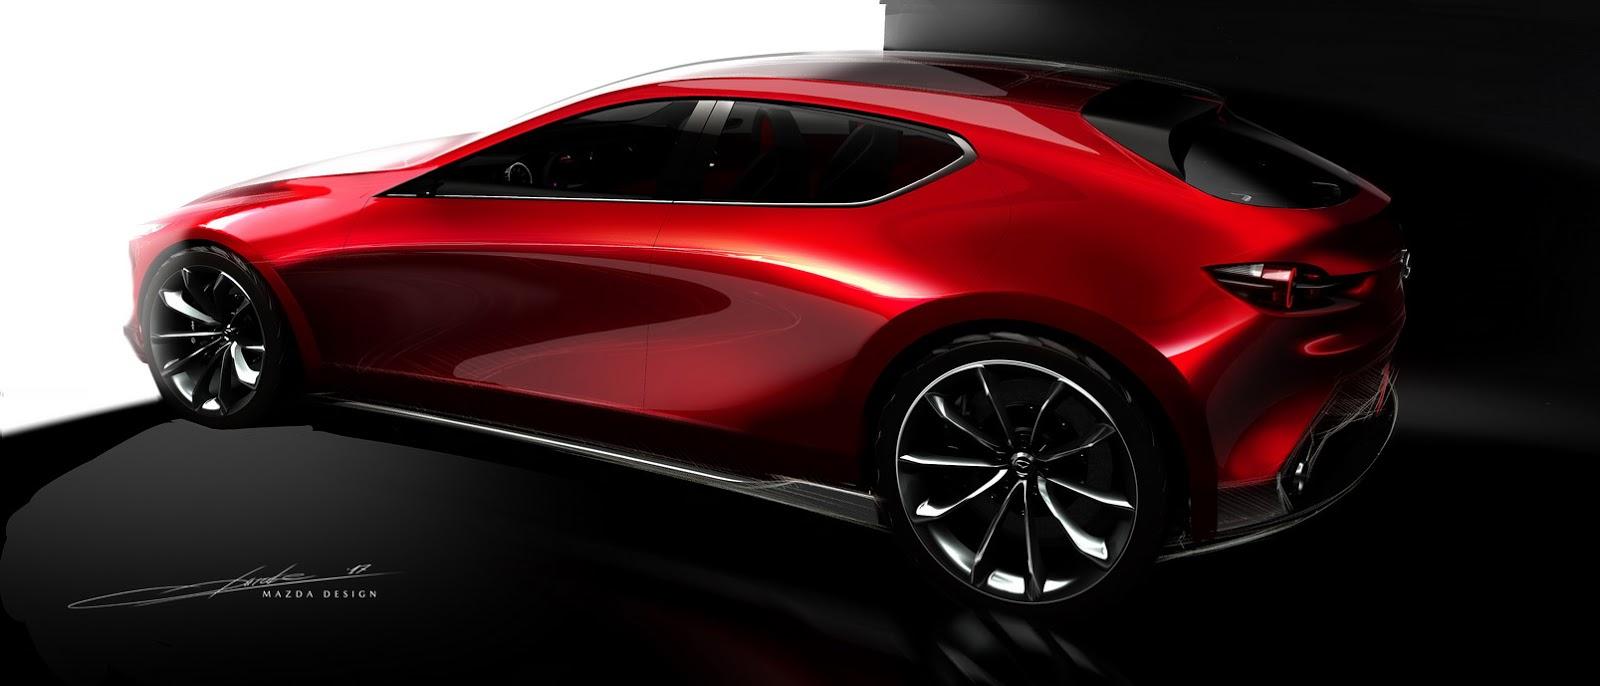 2017 Mazda Kai - Concepts